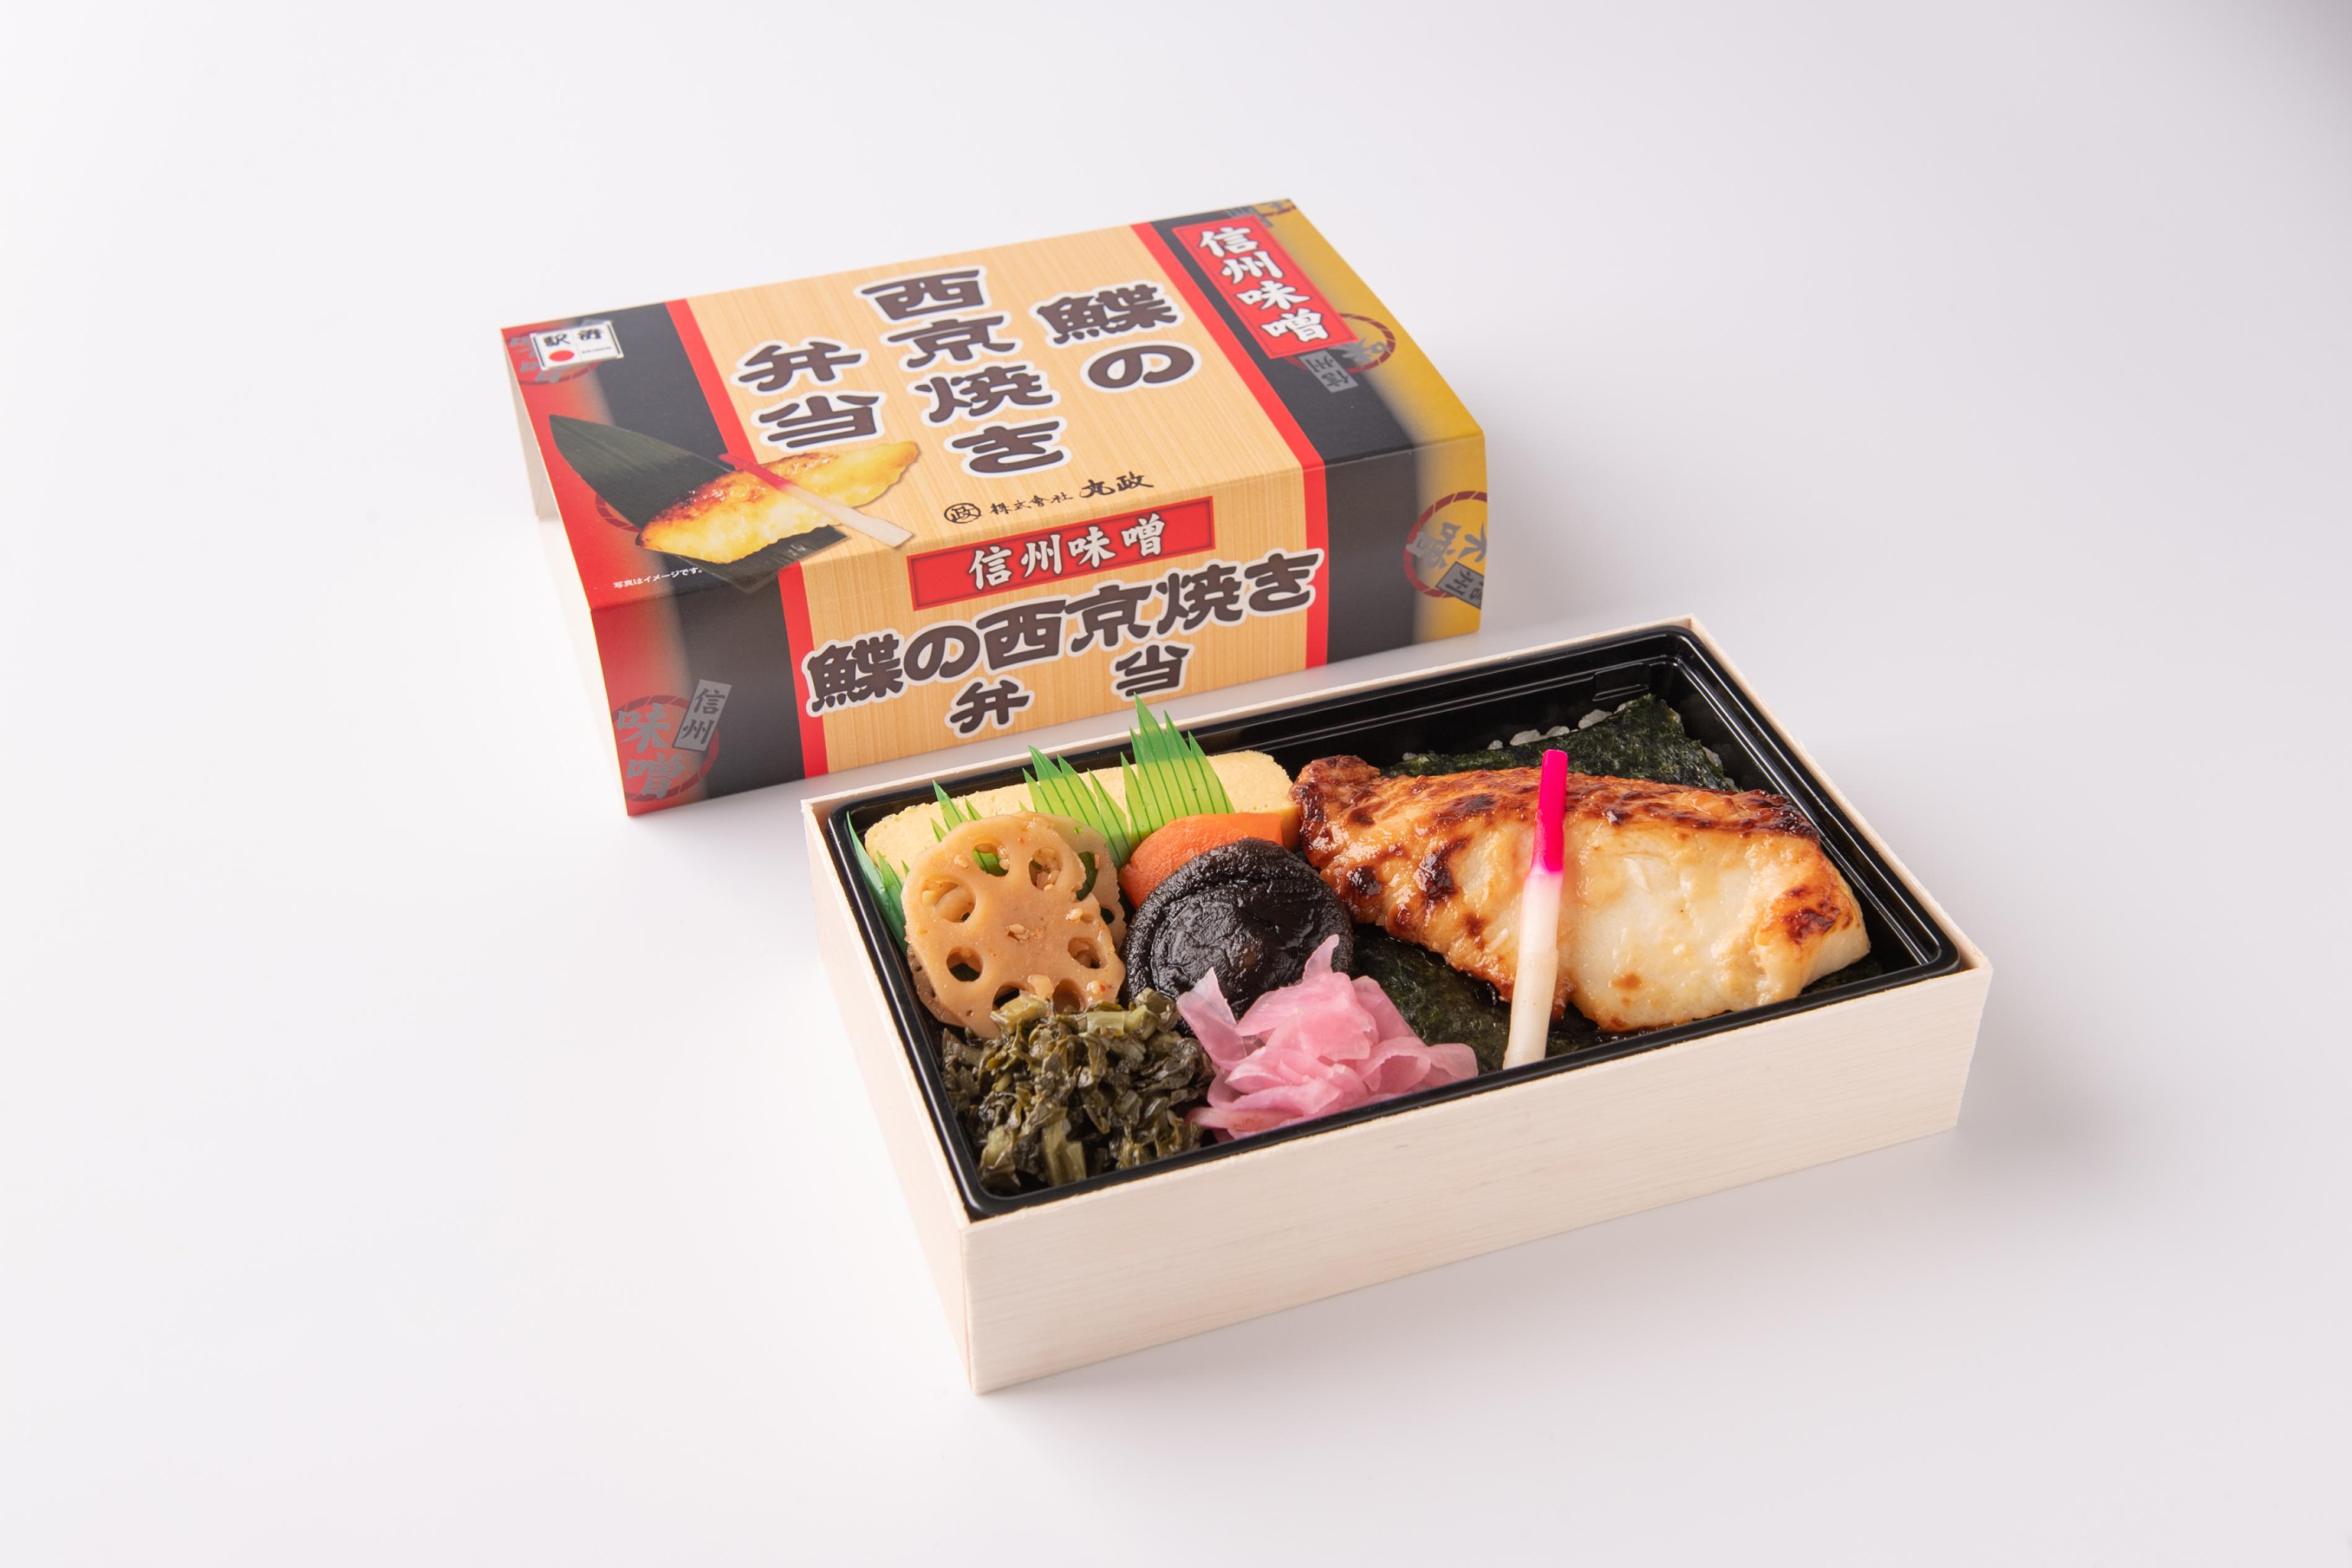 鰈の西京焼き弁当(¥1,380税込)